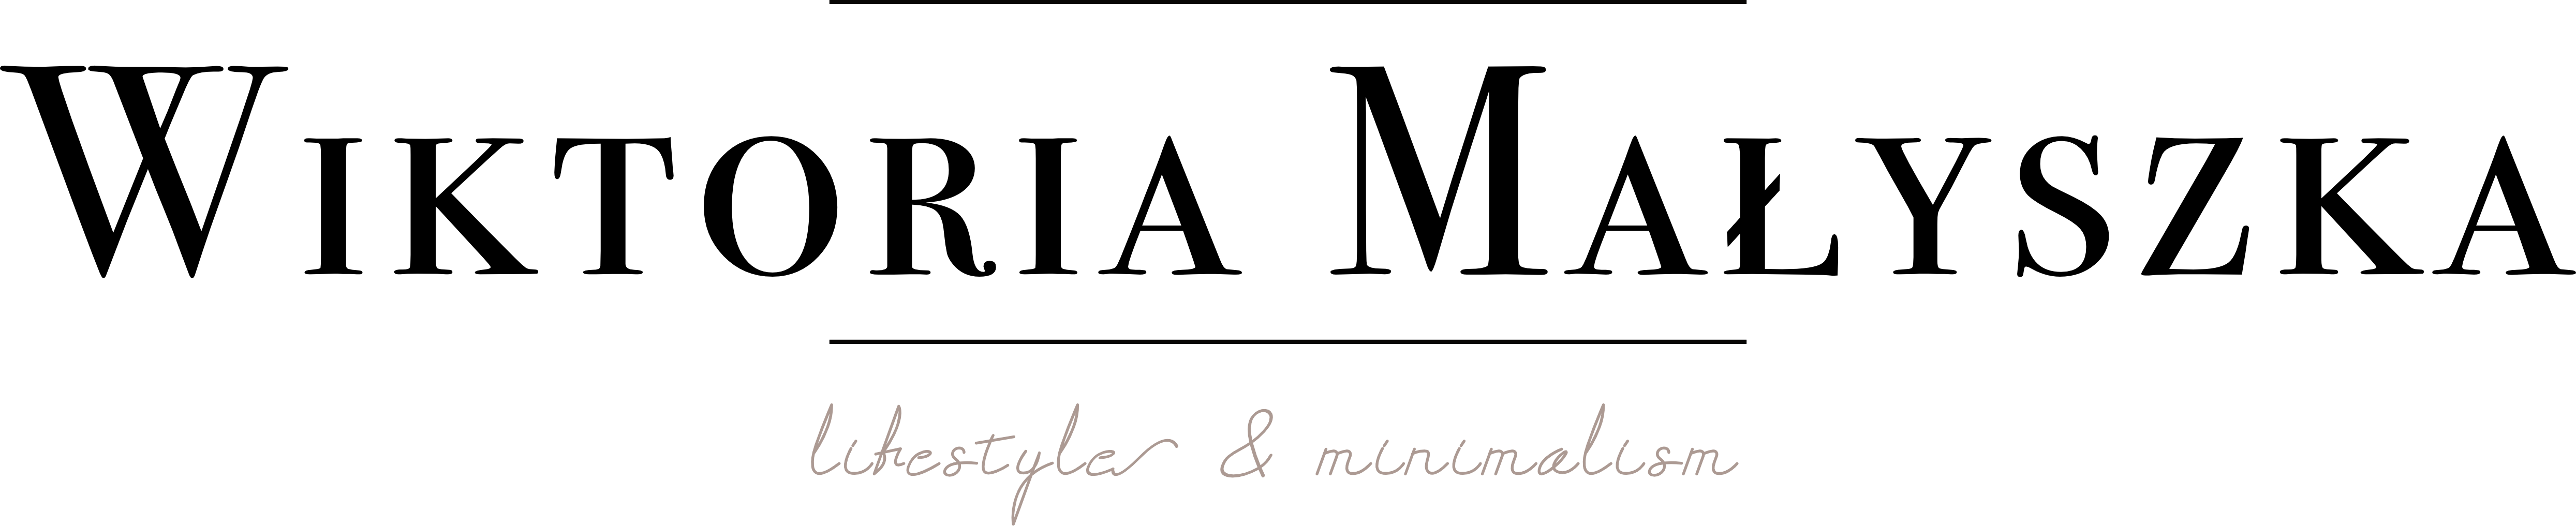 Wiktoria Małyszka I Lifestyle & Minimalism Logo